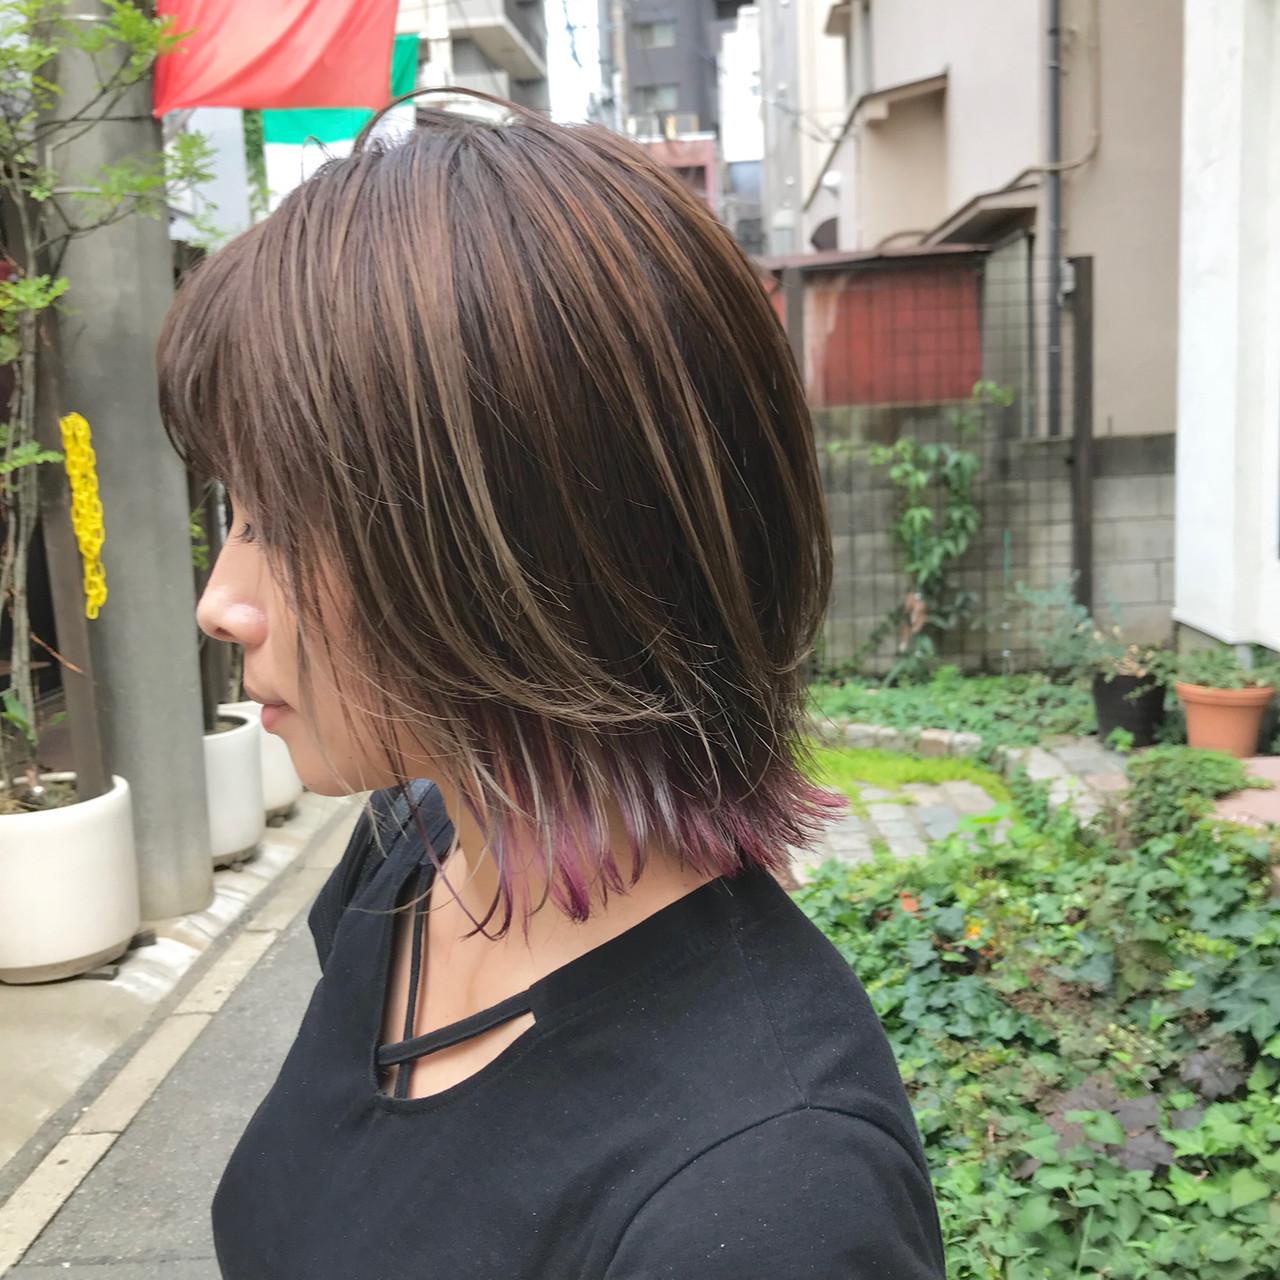 外ハネボブ ボブ 切りっぱなしボブ デザインカラー ヘアスタイルや髪型の写真・画像 | 金子ひろゆき / sola